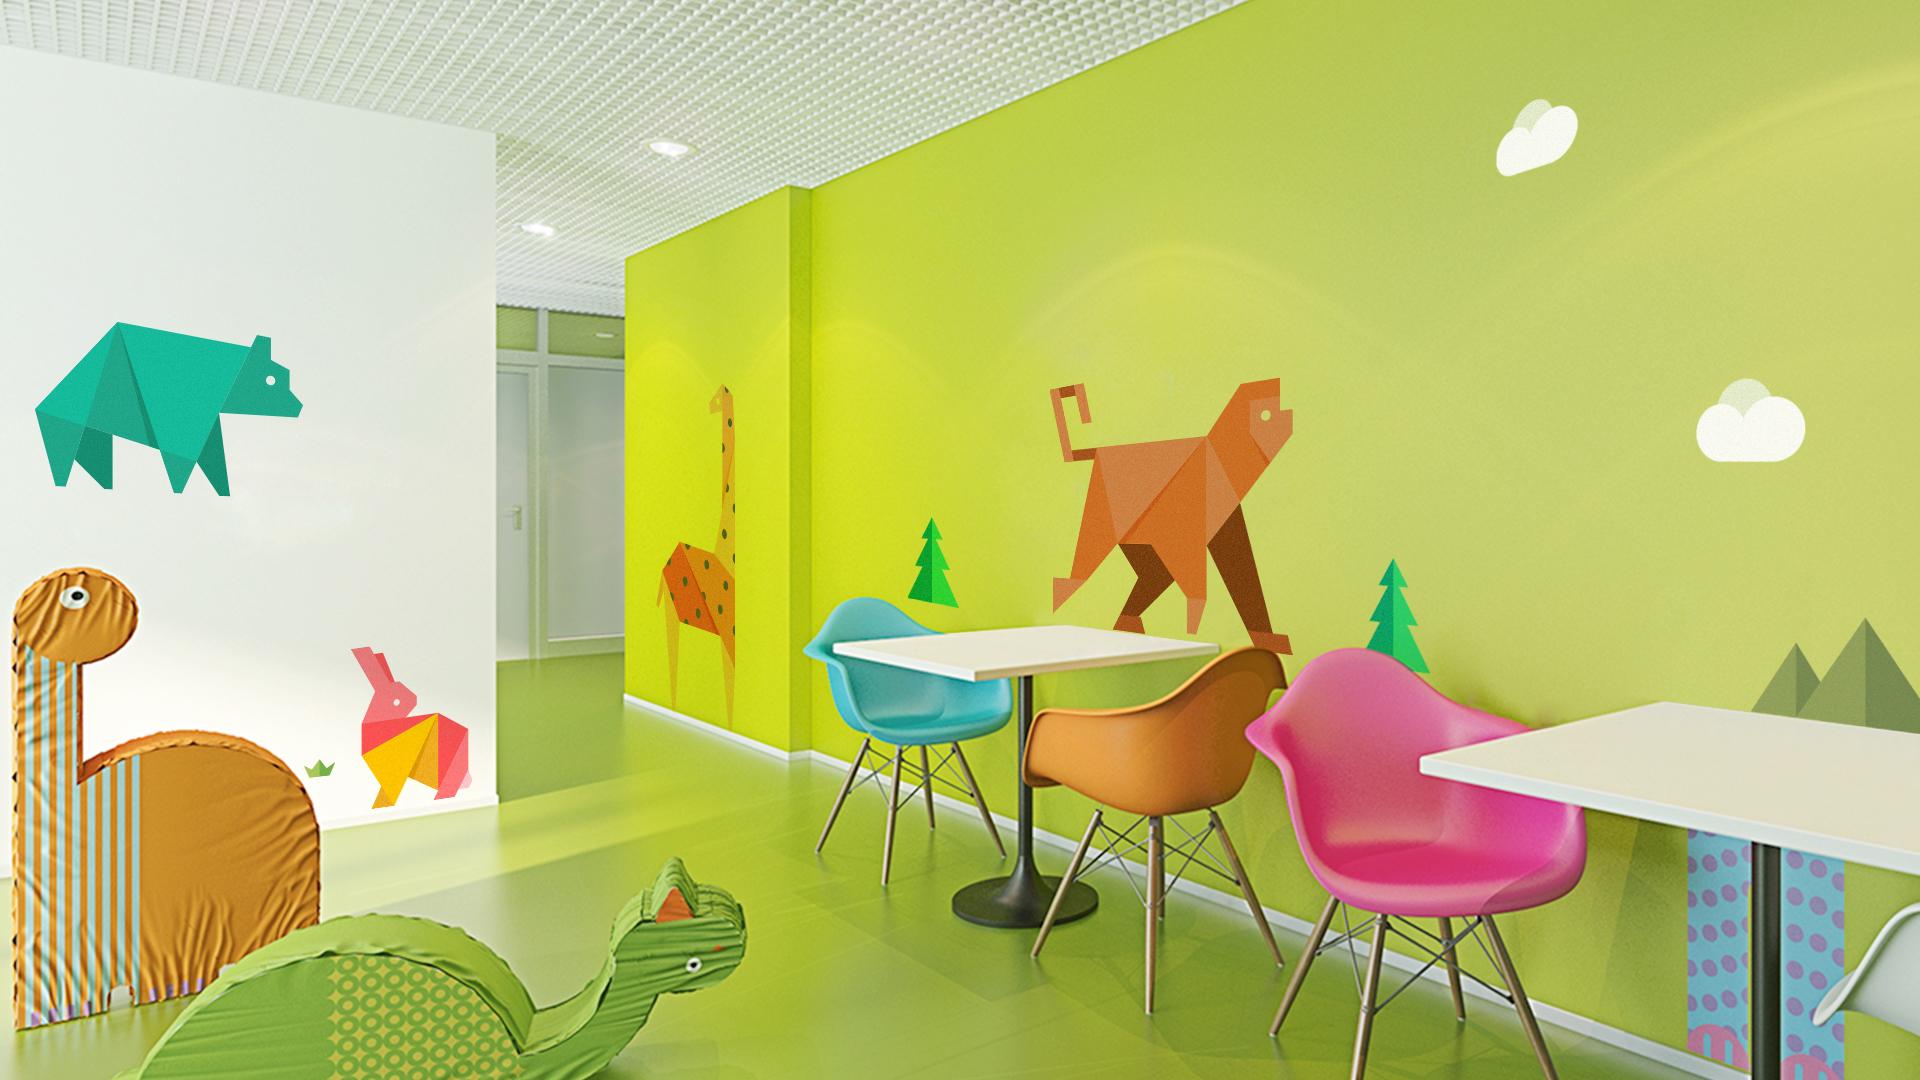 幼儿园的幼儿园室内环境该如何创设?